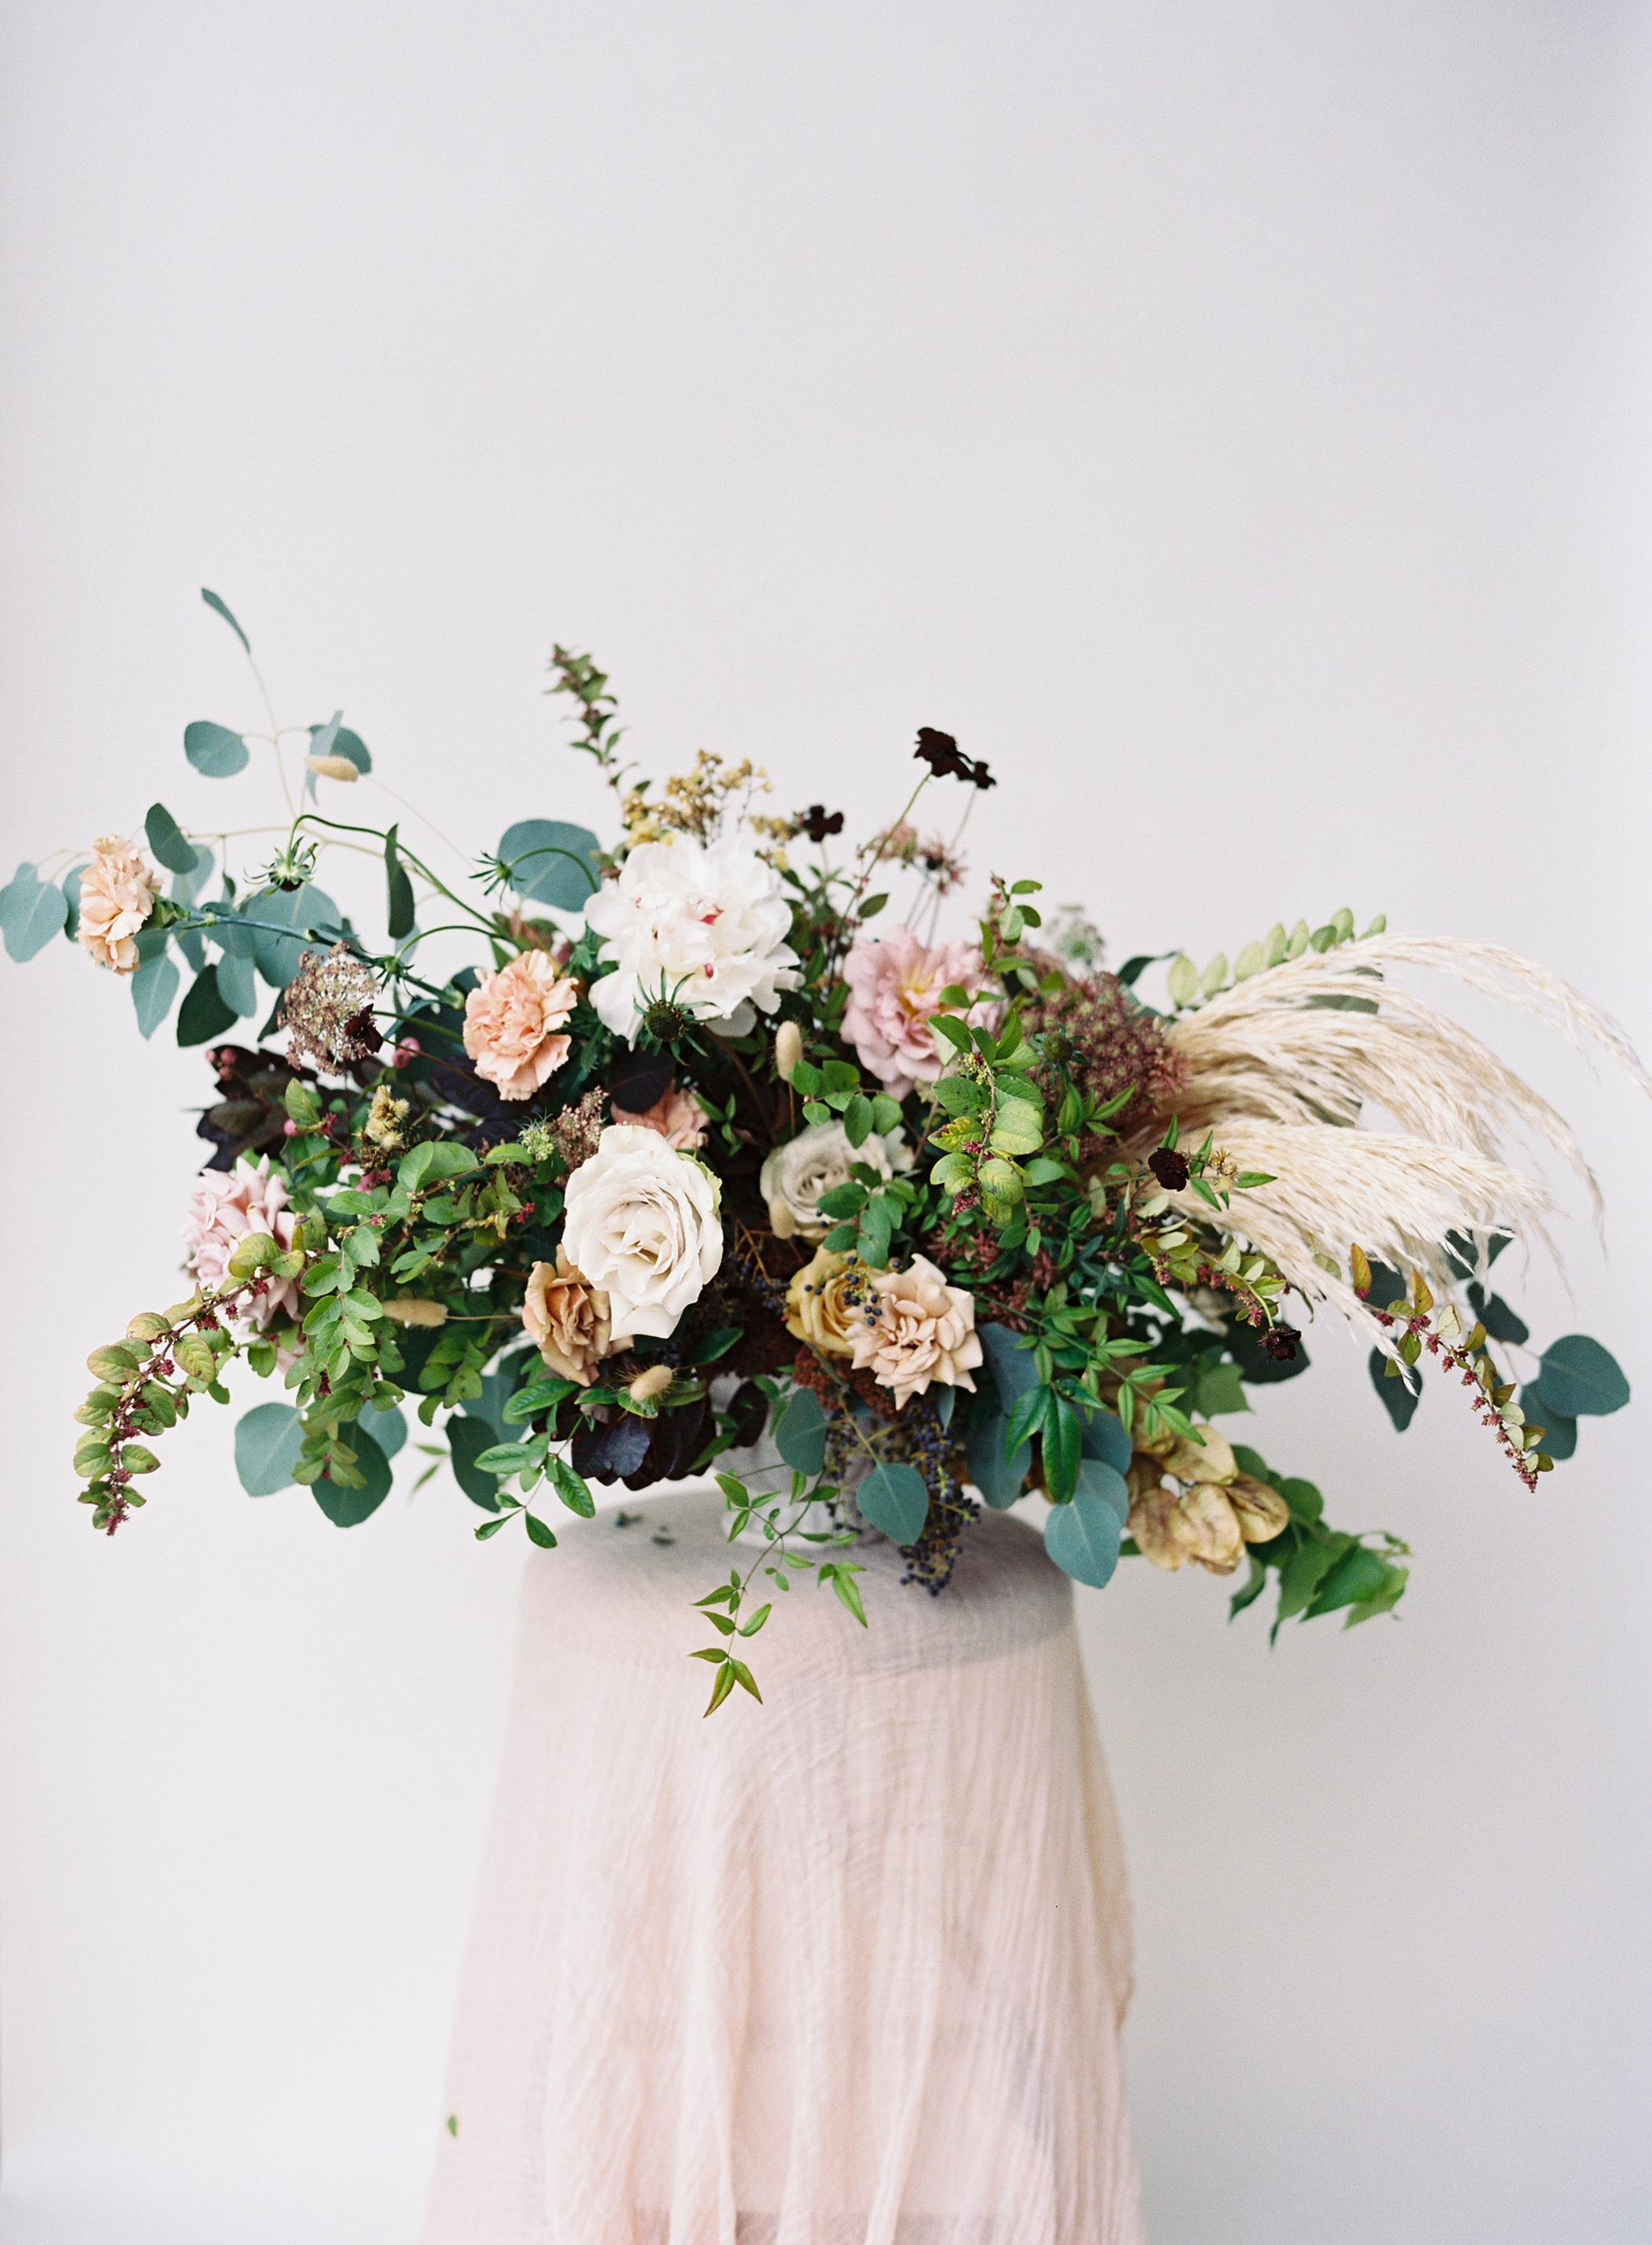 siren-floral-co-plenty-of-petals-romantik-floral-centerpiece-workshop-11.jpg